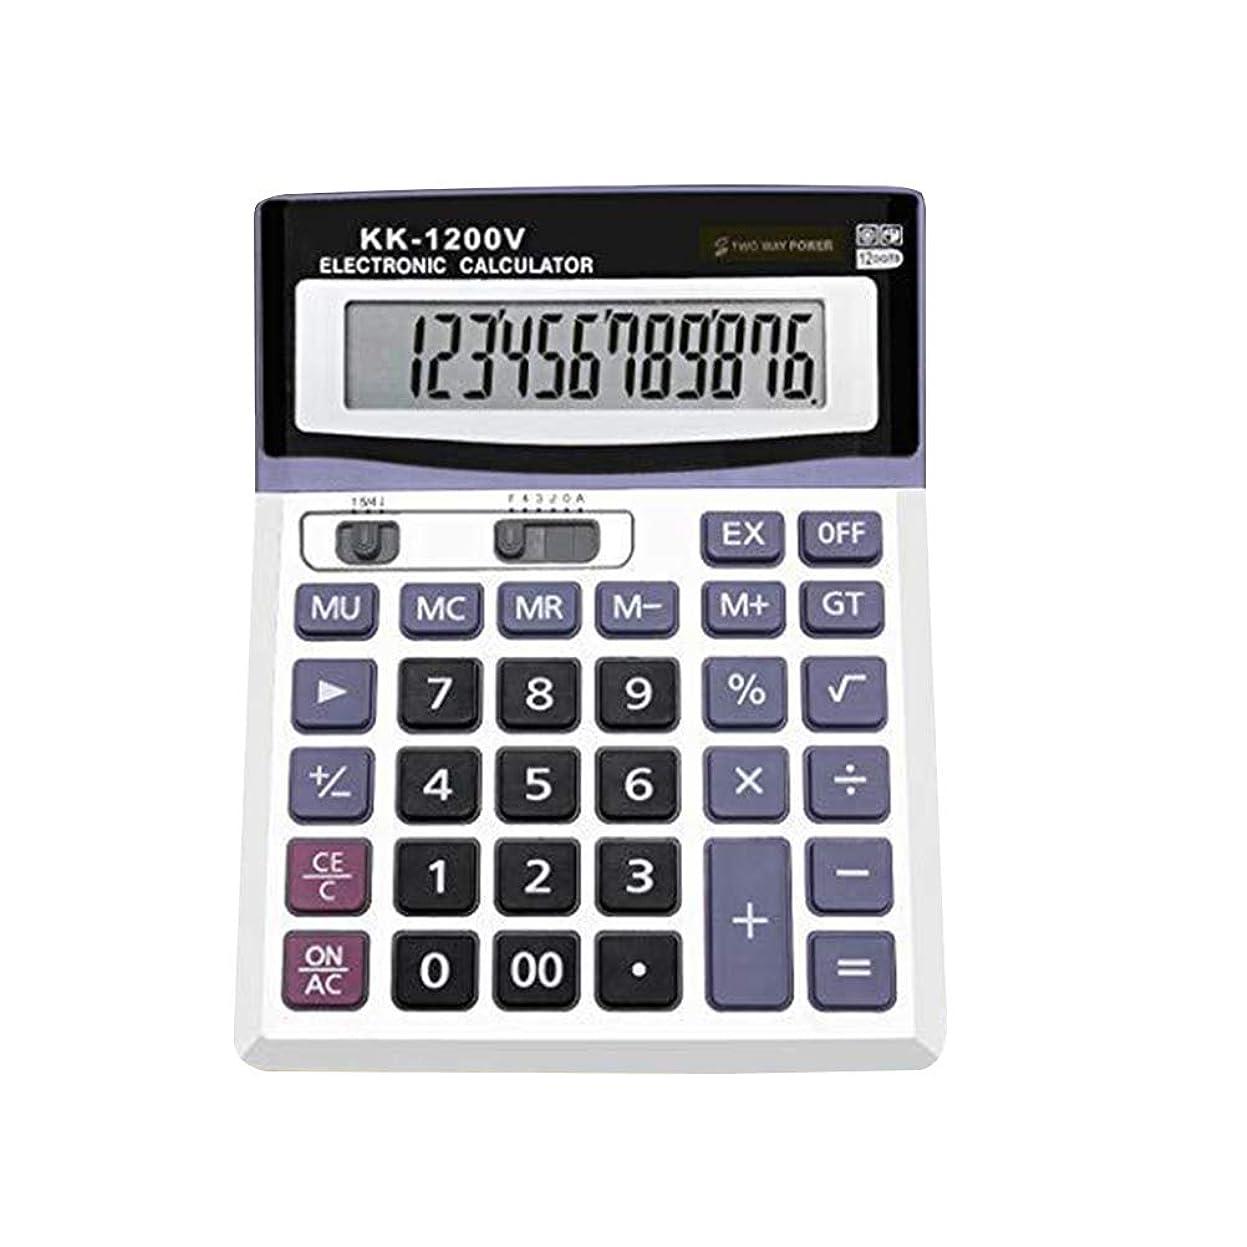 タイトサスティーンベーリング海峡STOBOK 電卓 電子卓上電卓 12桁 大型ディスプレイ ソーラーバッテリー LCDディスプレイ オフィス電卓 金融オフィス用